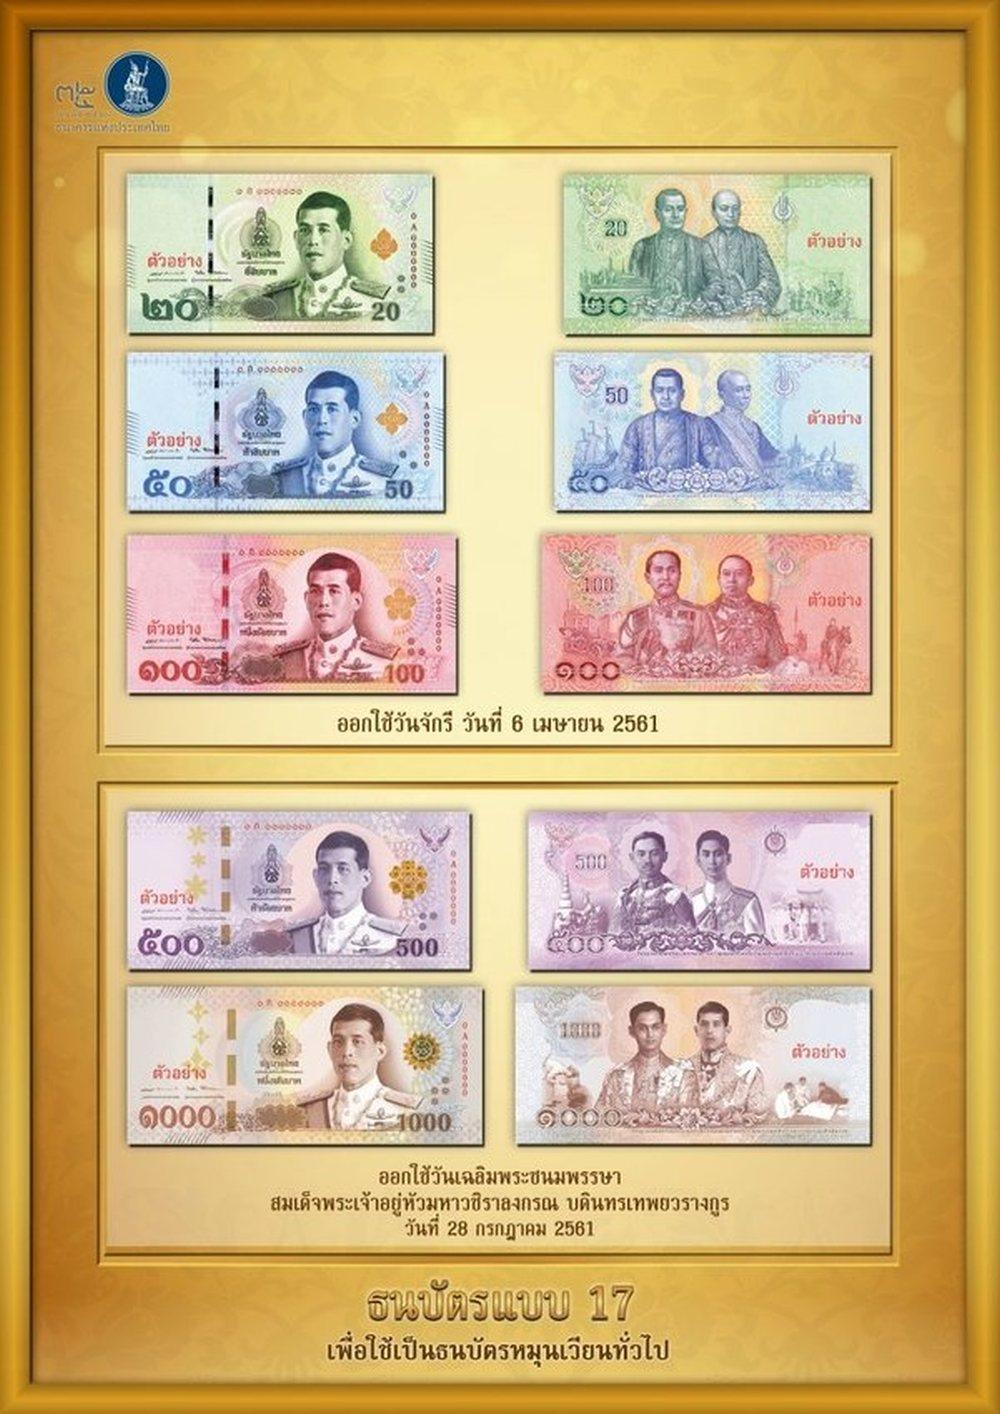 В Таиланде новые деньги